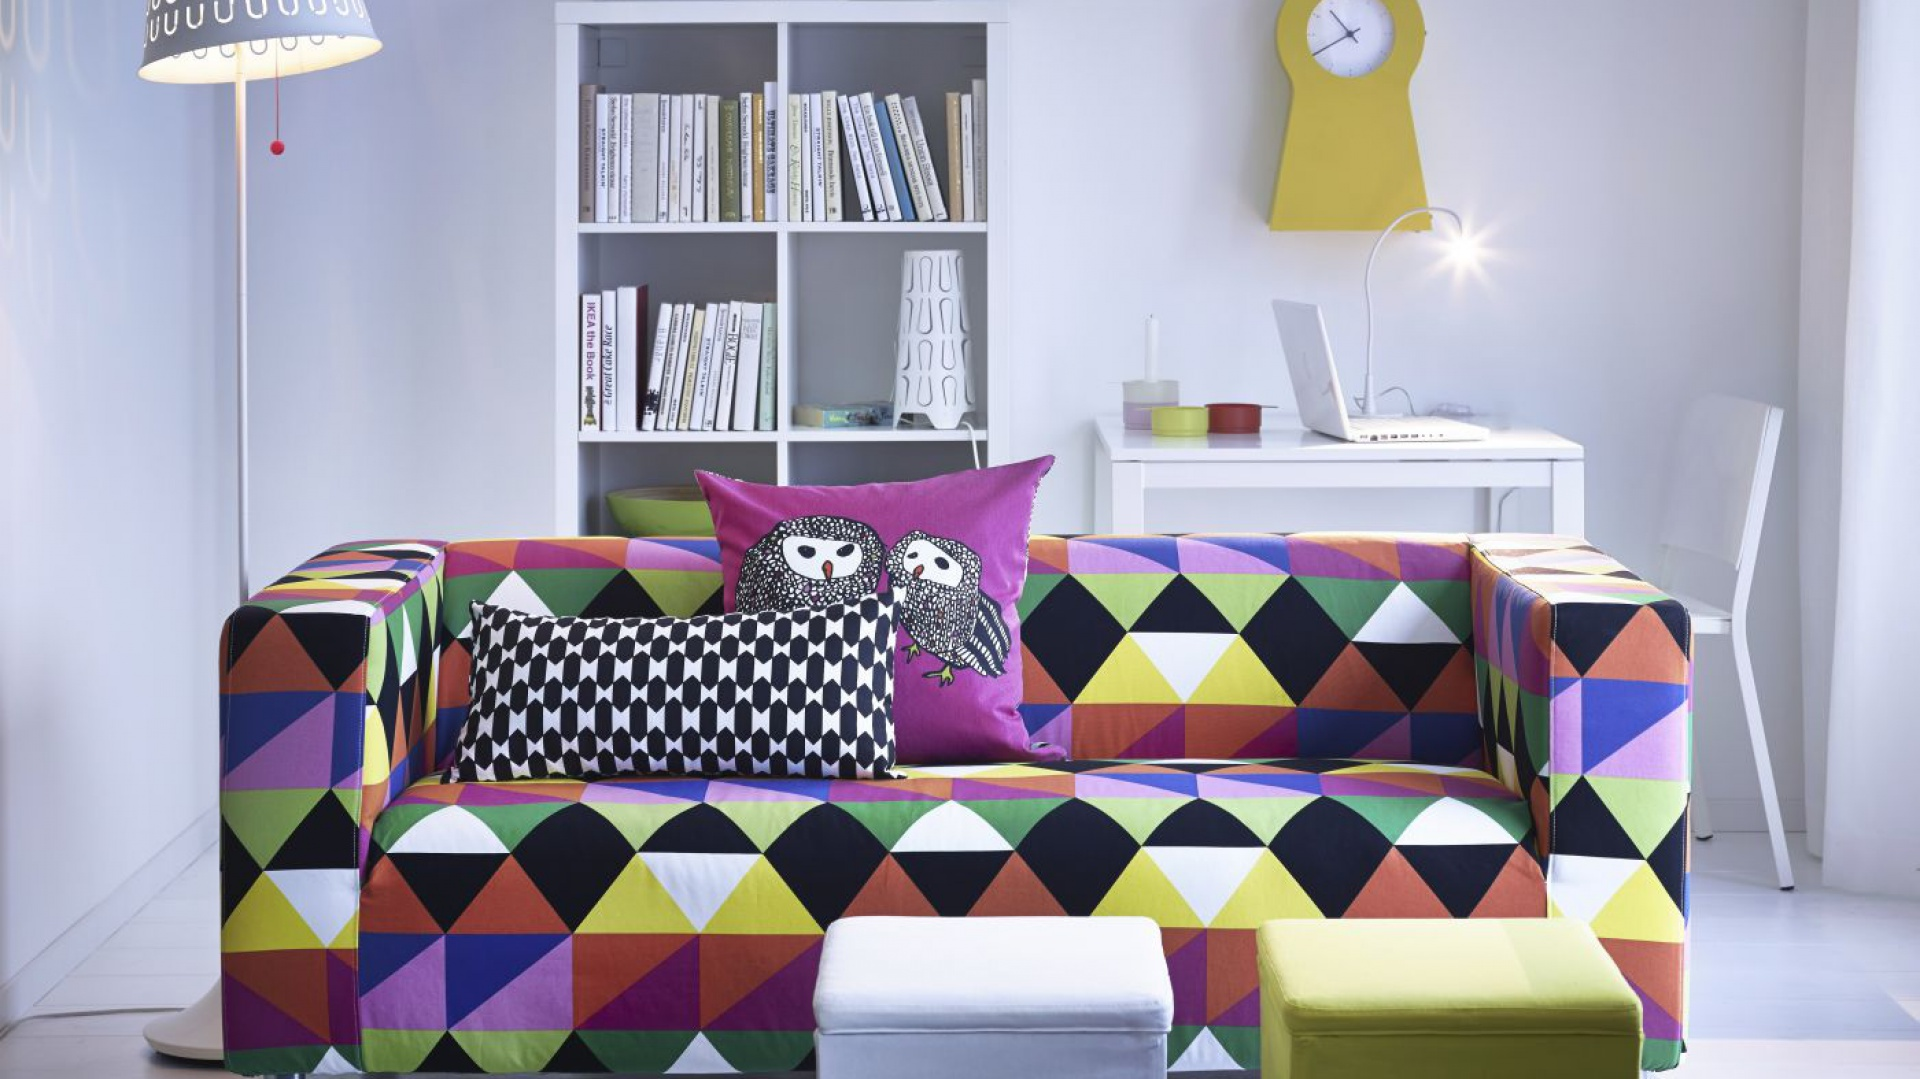 Ciekawą sofę w geometryczne wzory znakomicie uzupełniają poduszki. Poduszka Gulört w sowy ma z drugiej strony czarno-biały wzór, dzięki temu można dowolnie zmieniać wystrój wnętrza. Cena: 15,99 zł. Czarno-biała poduszka Nävviva - cena 15,99 zł. Do nabycia w IKEA. Fot. IKEA.